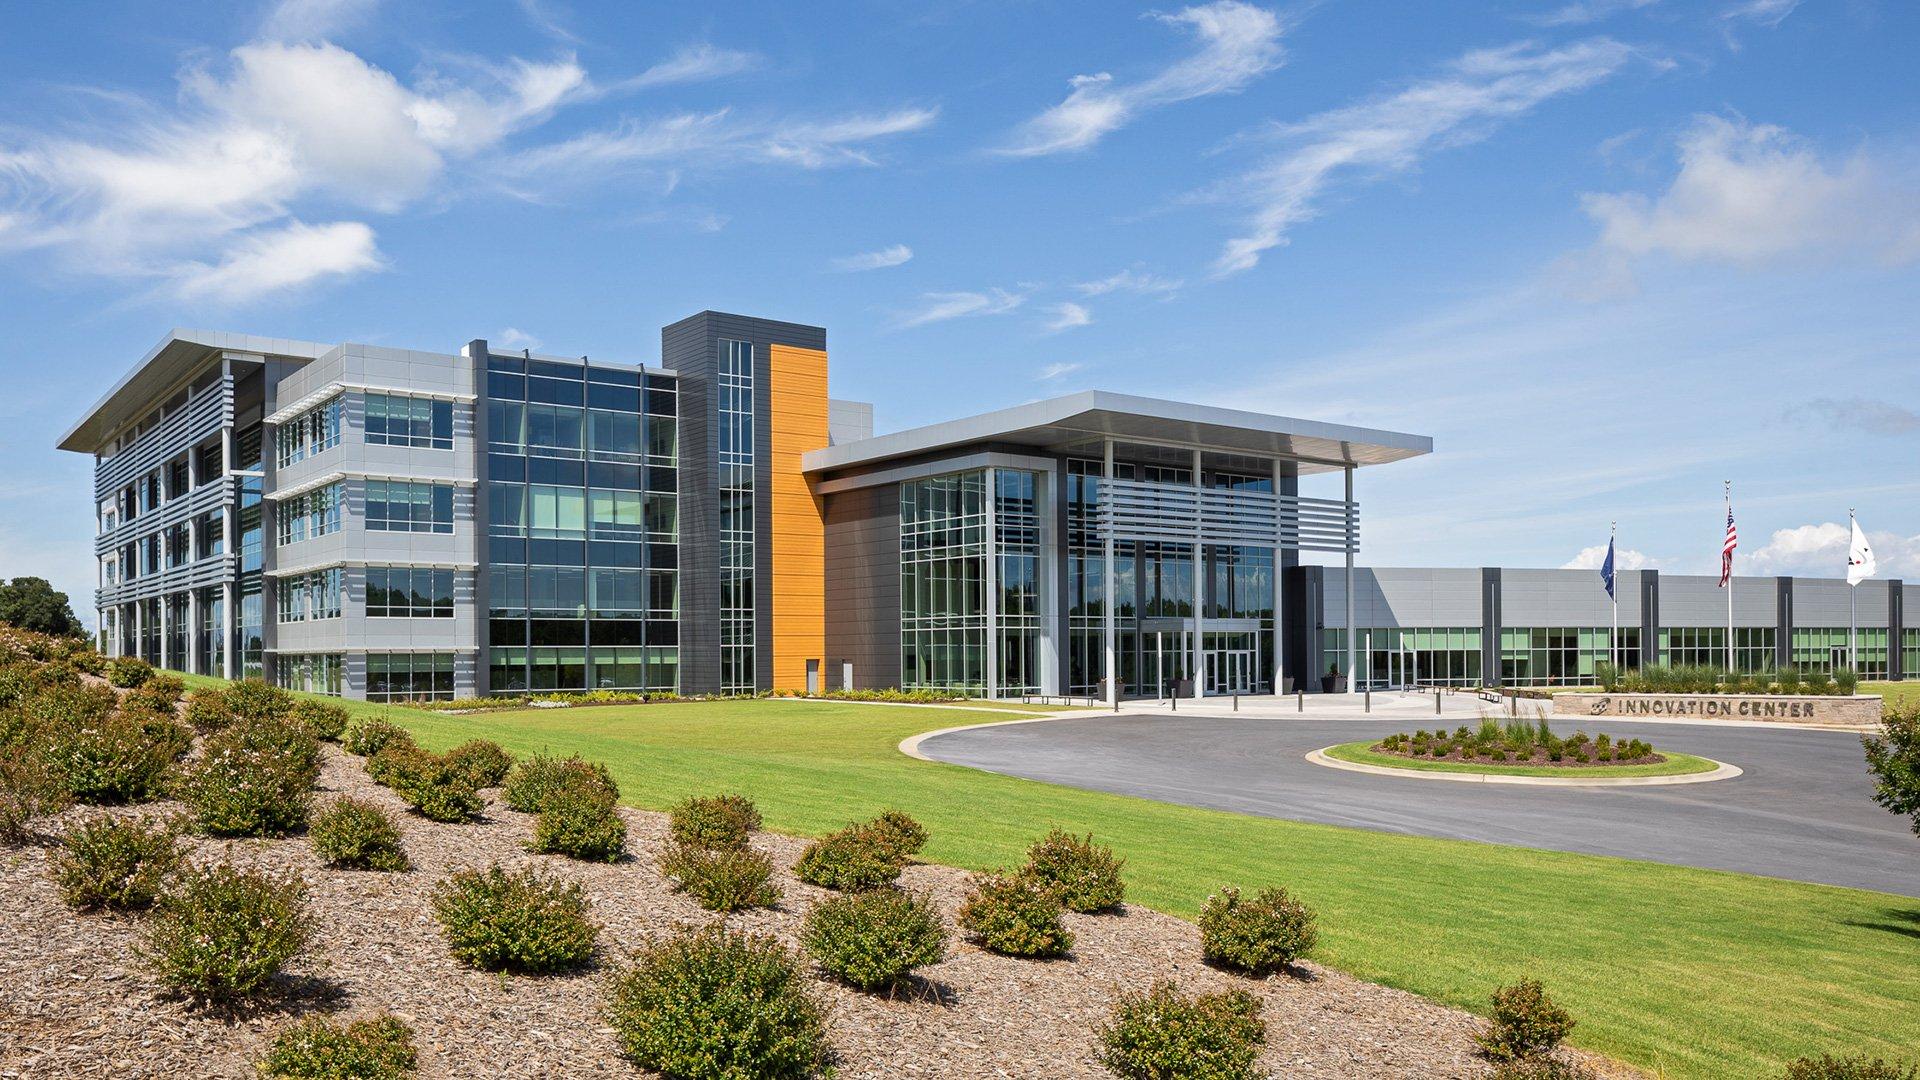 TTI Innovation Center